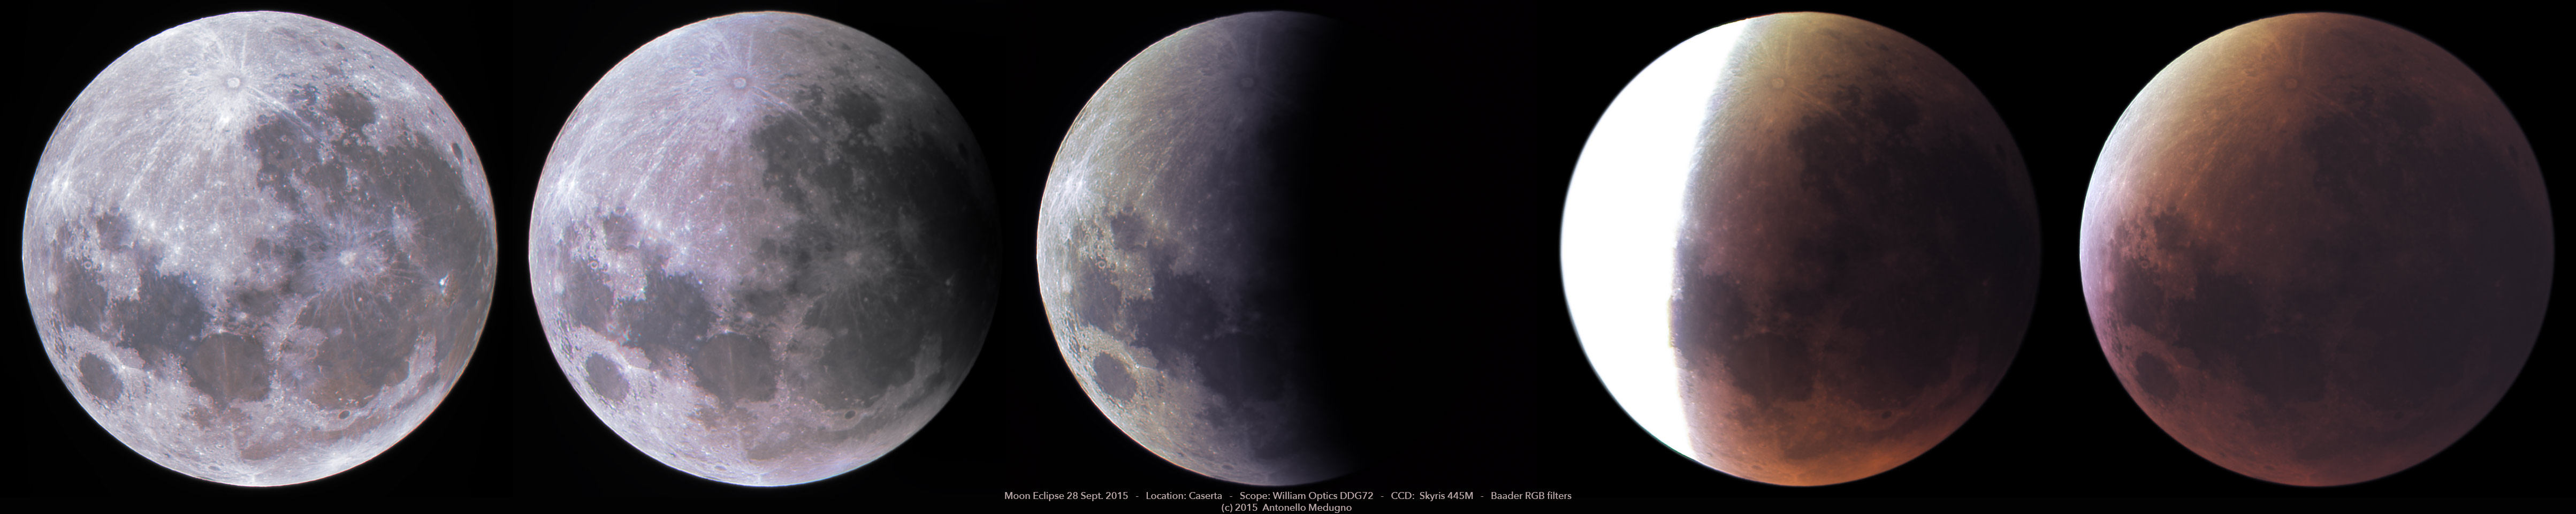 Eclissi di Luna alta risoluzione hires luna